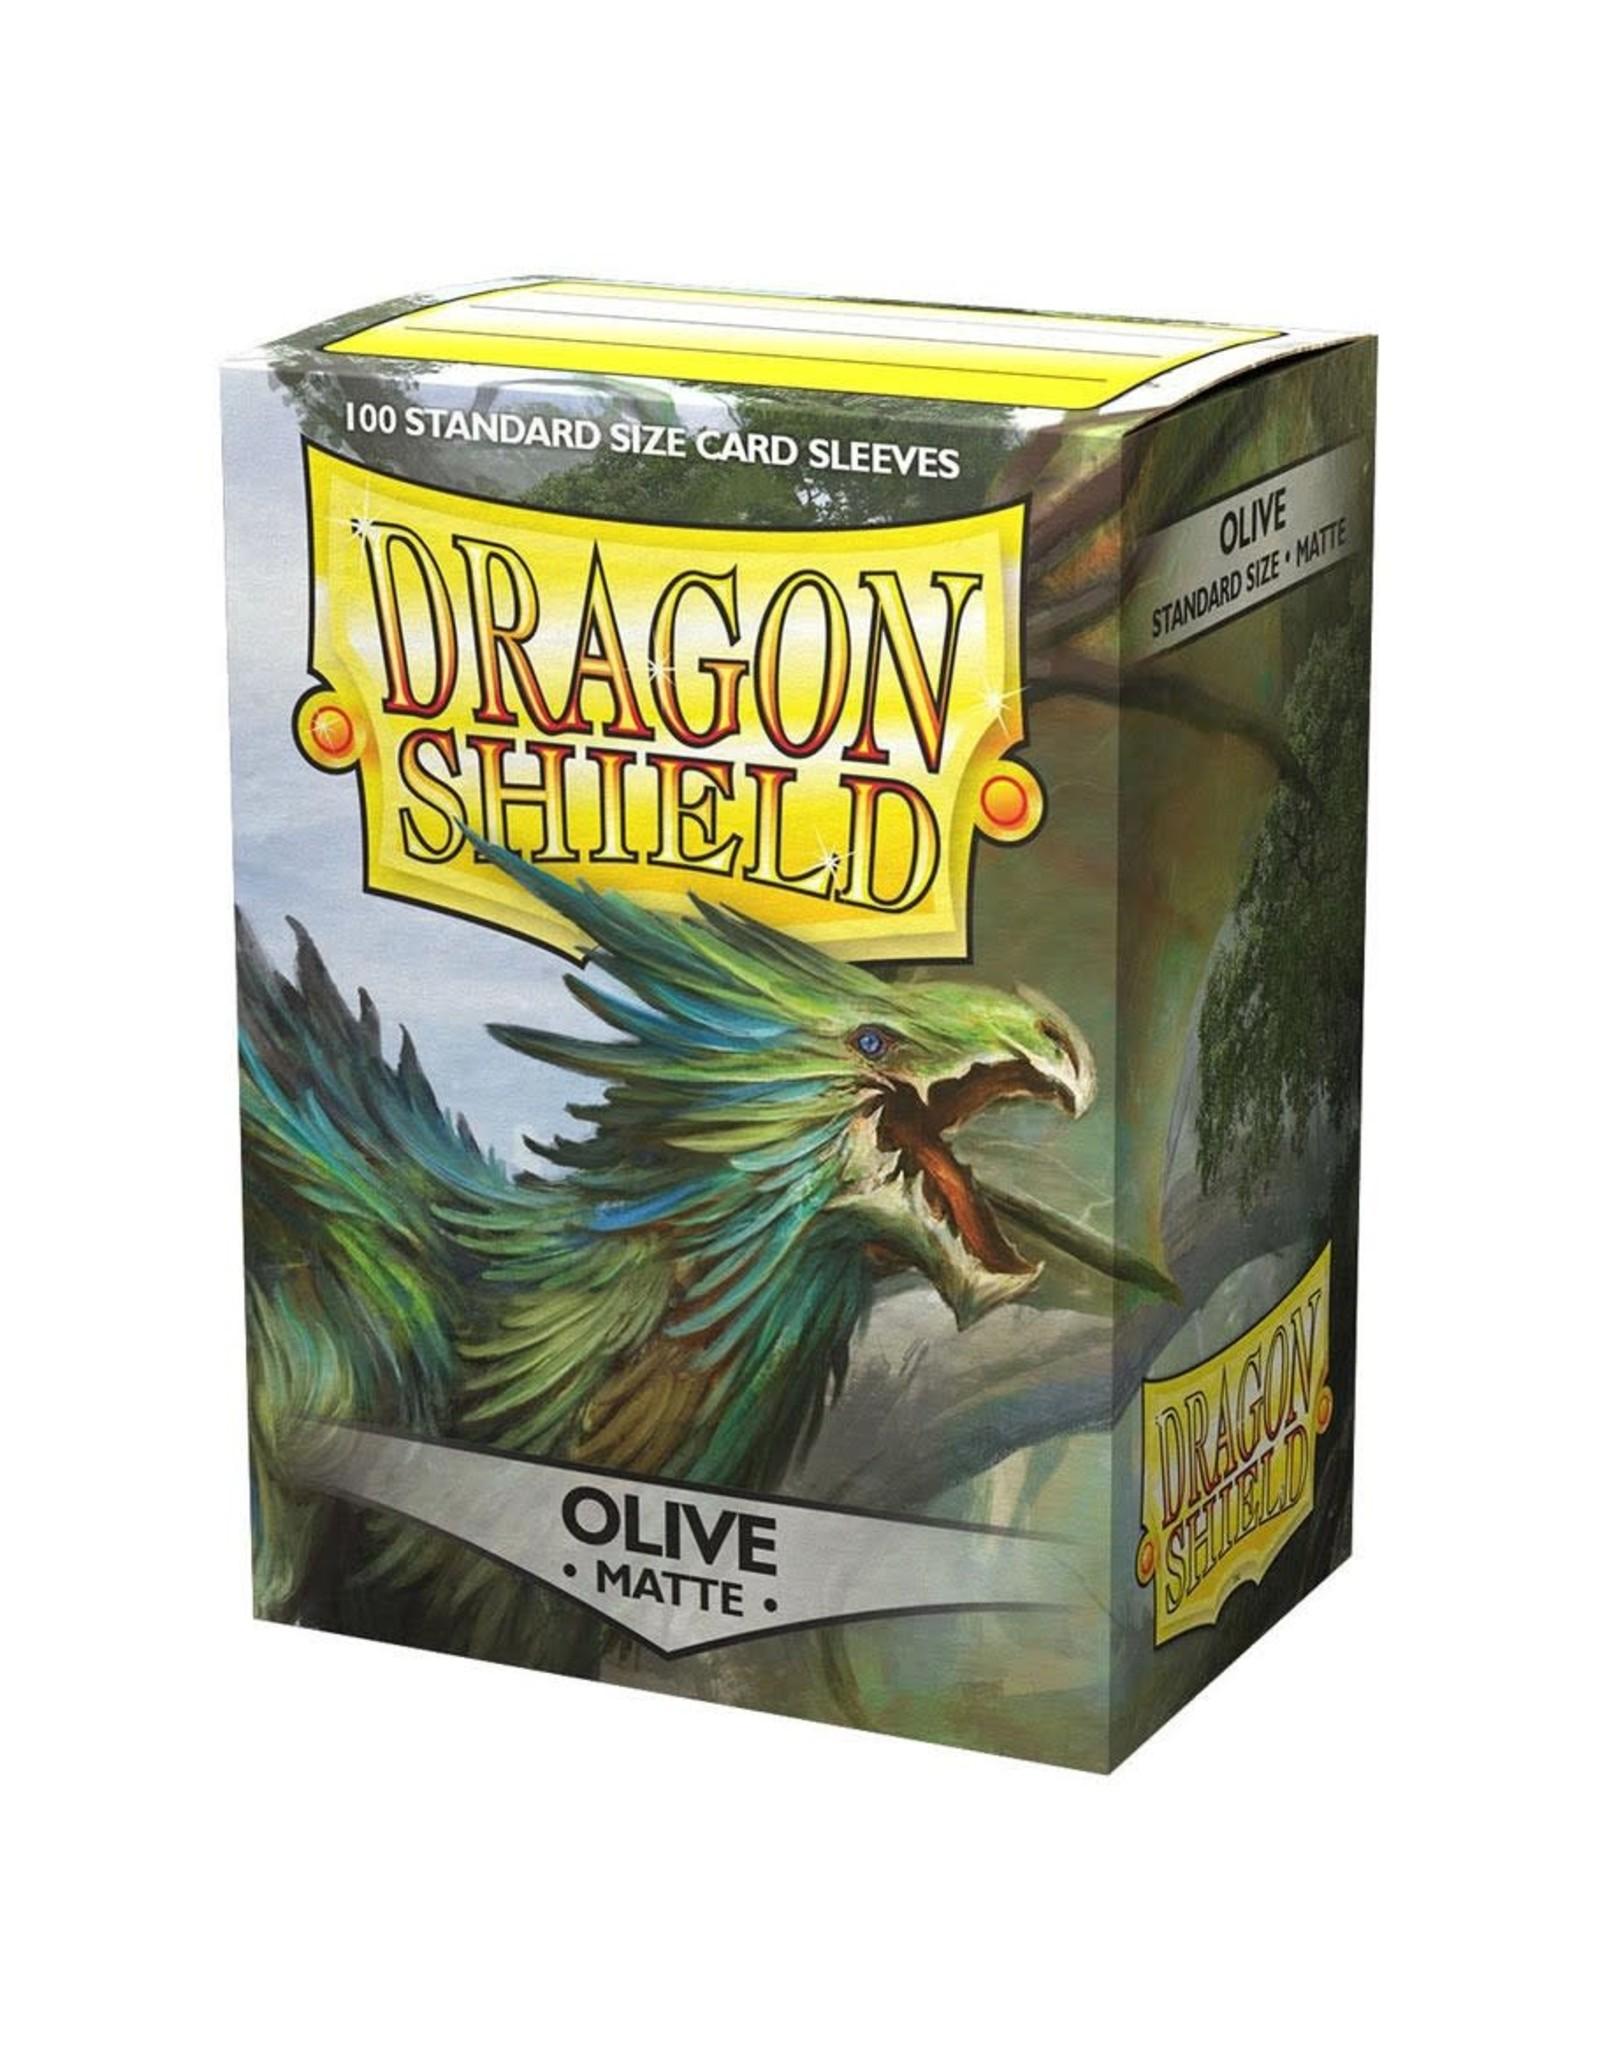 Dragon Shield Dragon Shields: (100) Matte Olive